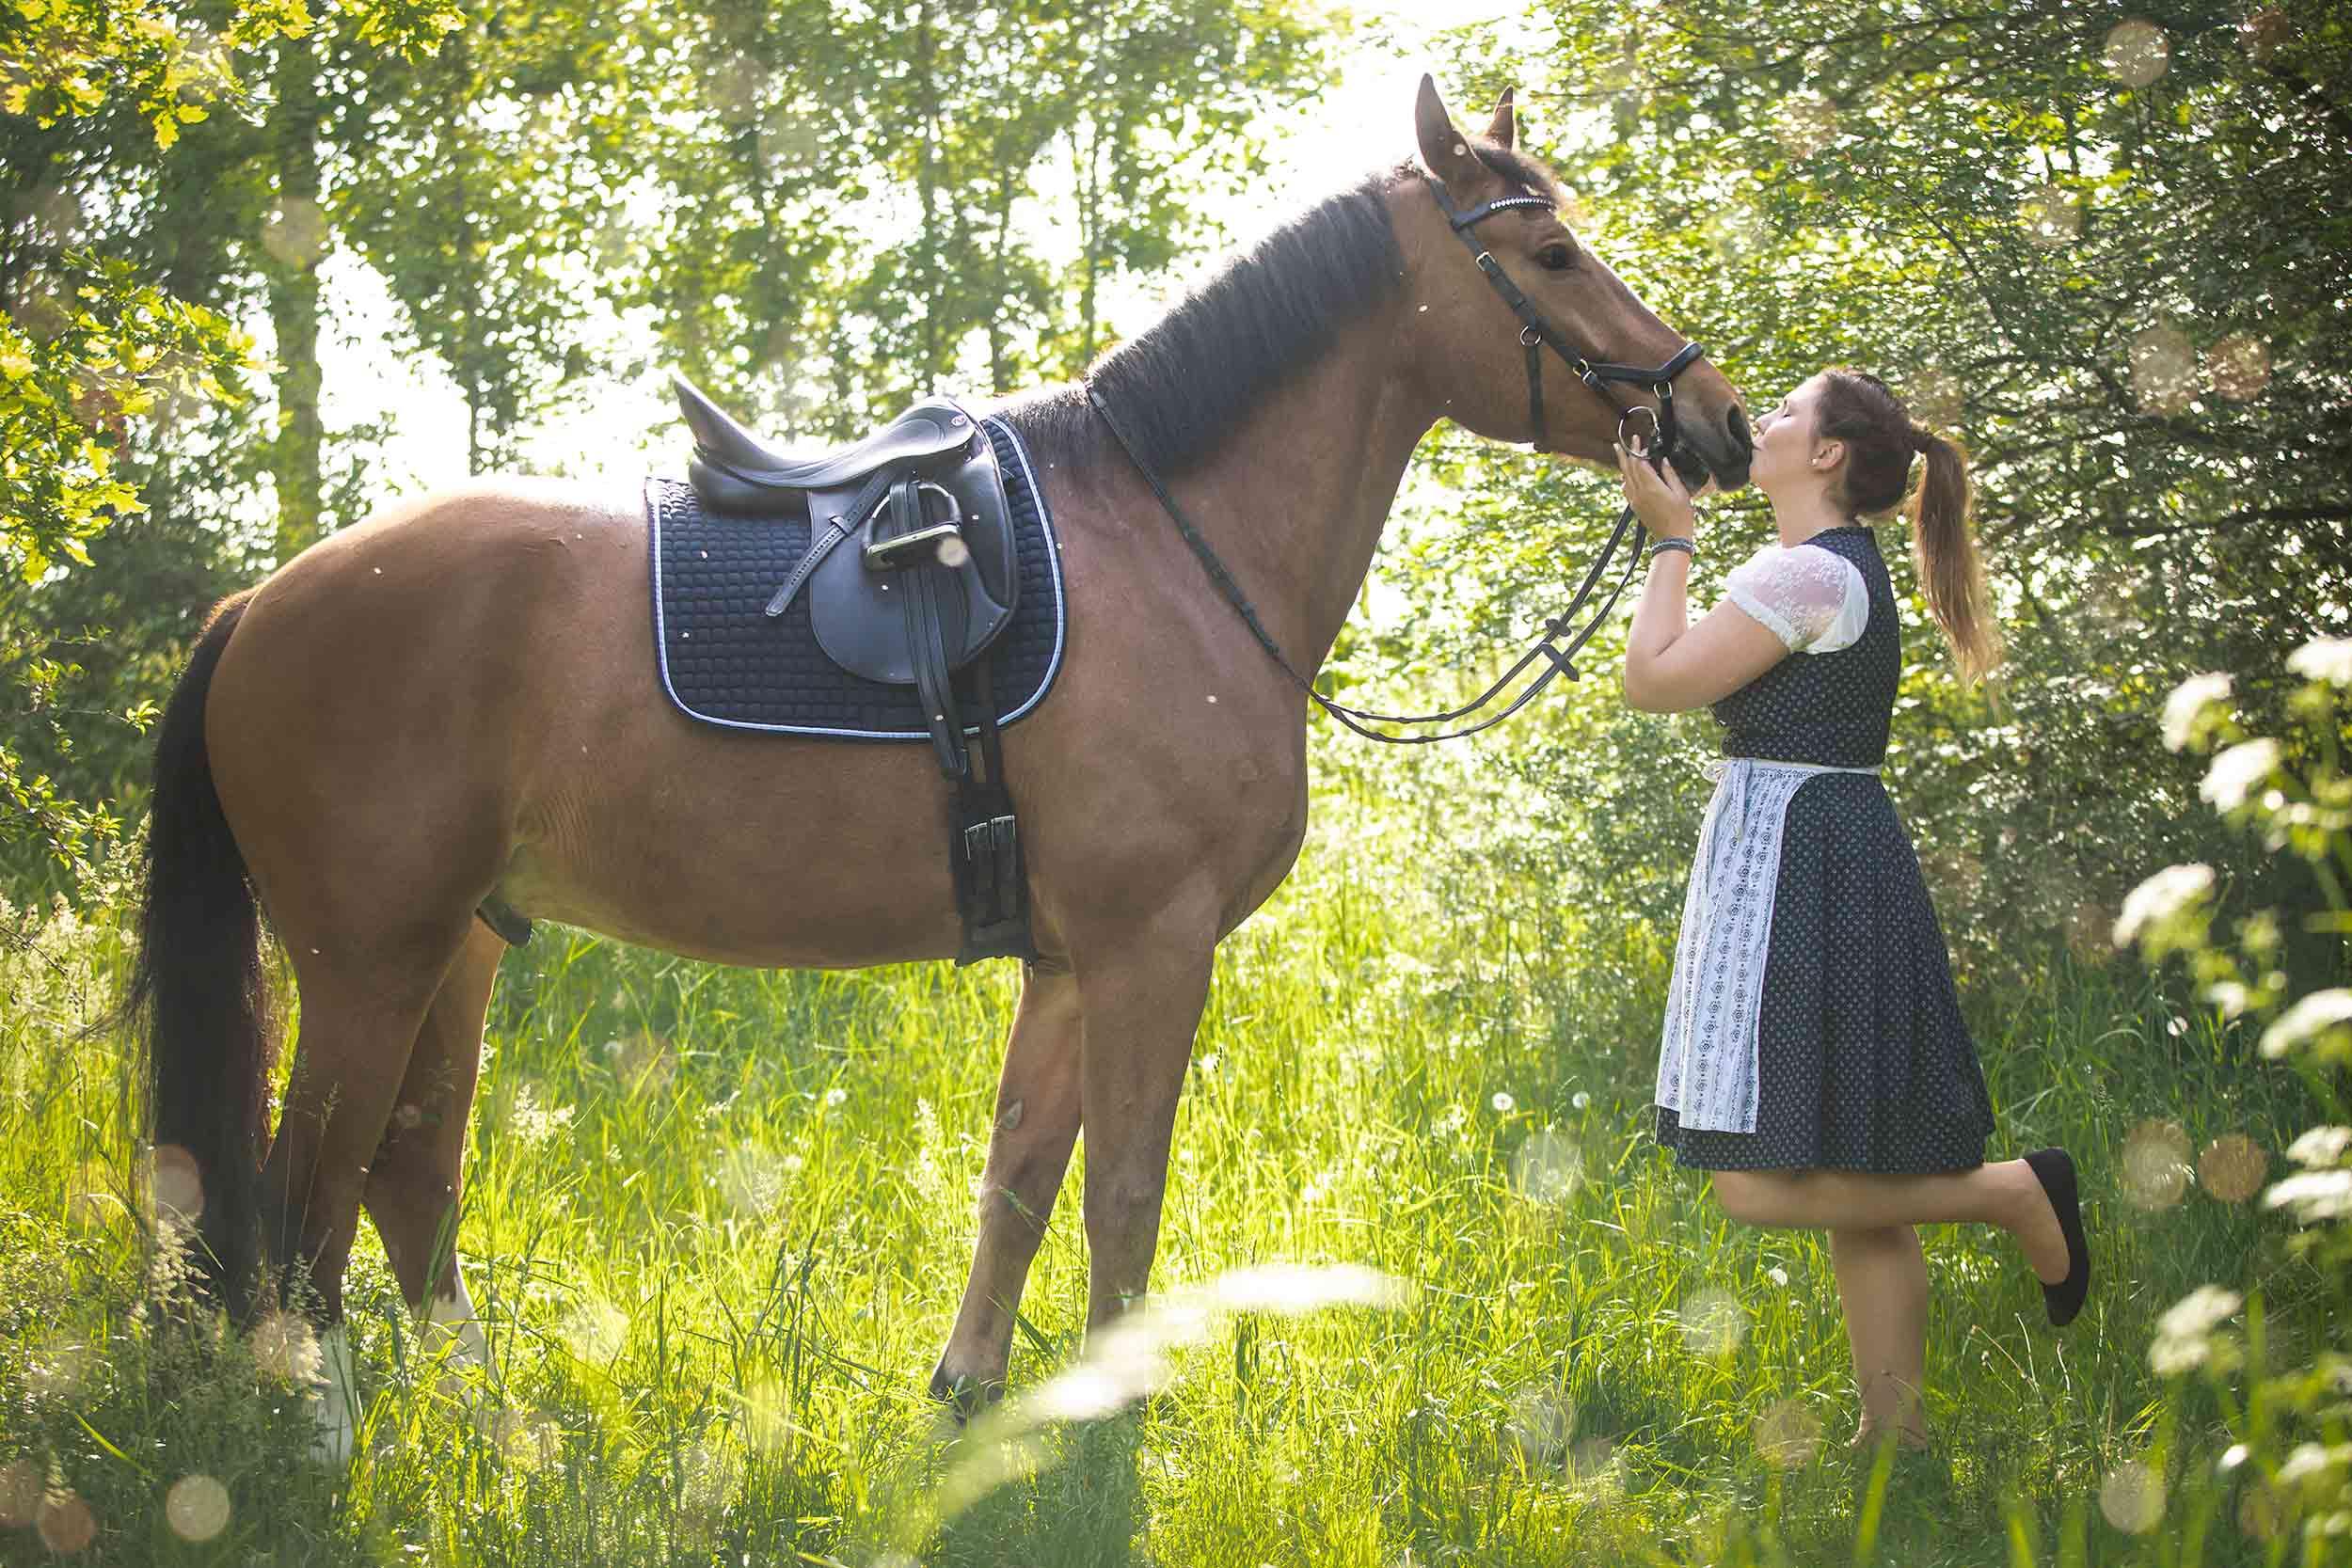 Hund, Katze, Pferd - Tierfotografie IMG 0969w